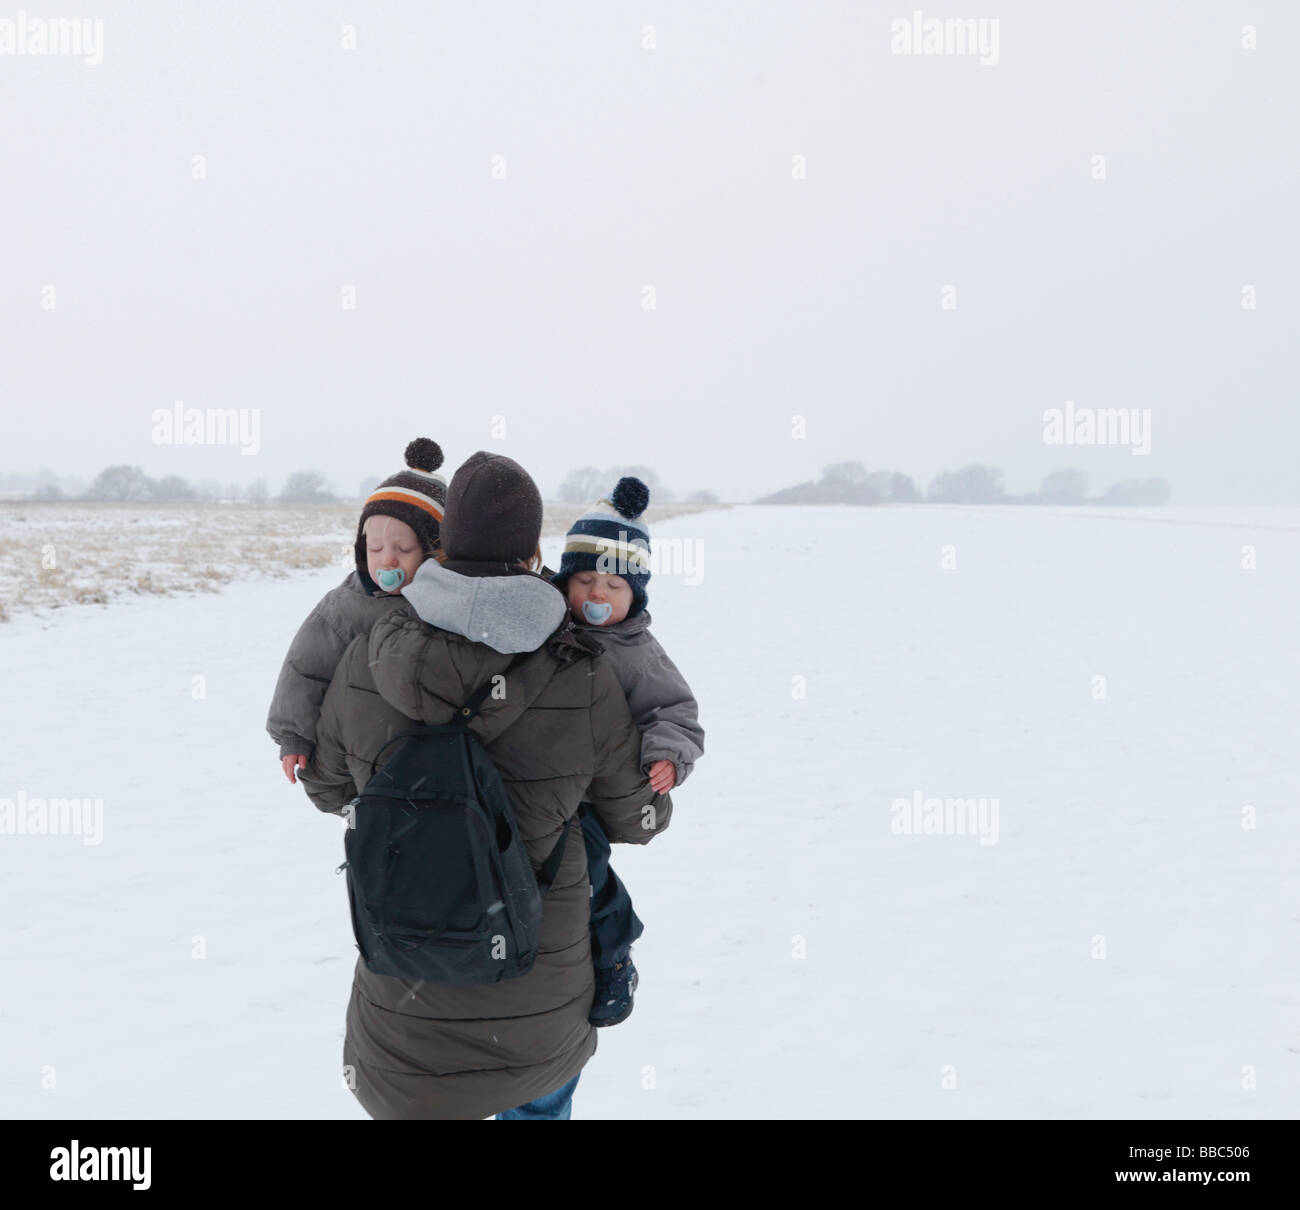 Mujer caminando con dos hijos gemelos en la nieve Imagen De Stock